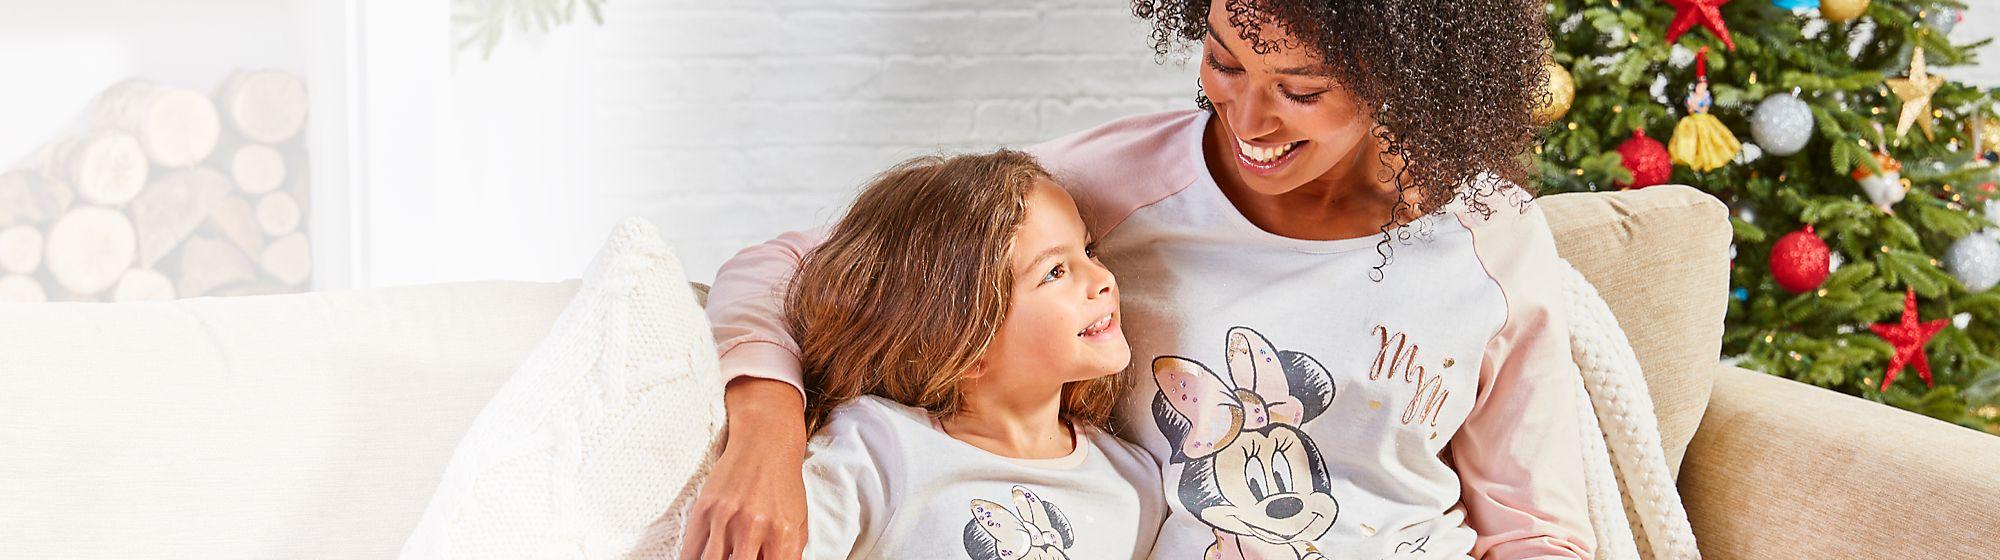 Pour La Nuit shopDisney propose de doux articles pour la nuit, des pyjamas enfants et adultes aux draps de lit à l'effigie de vos héros Disney.